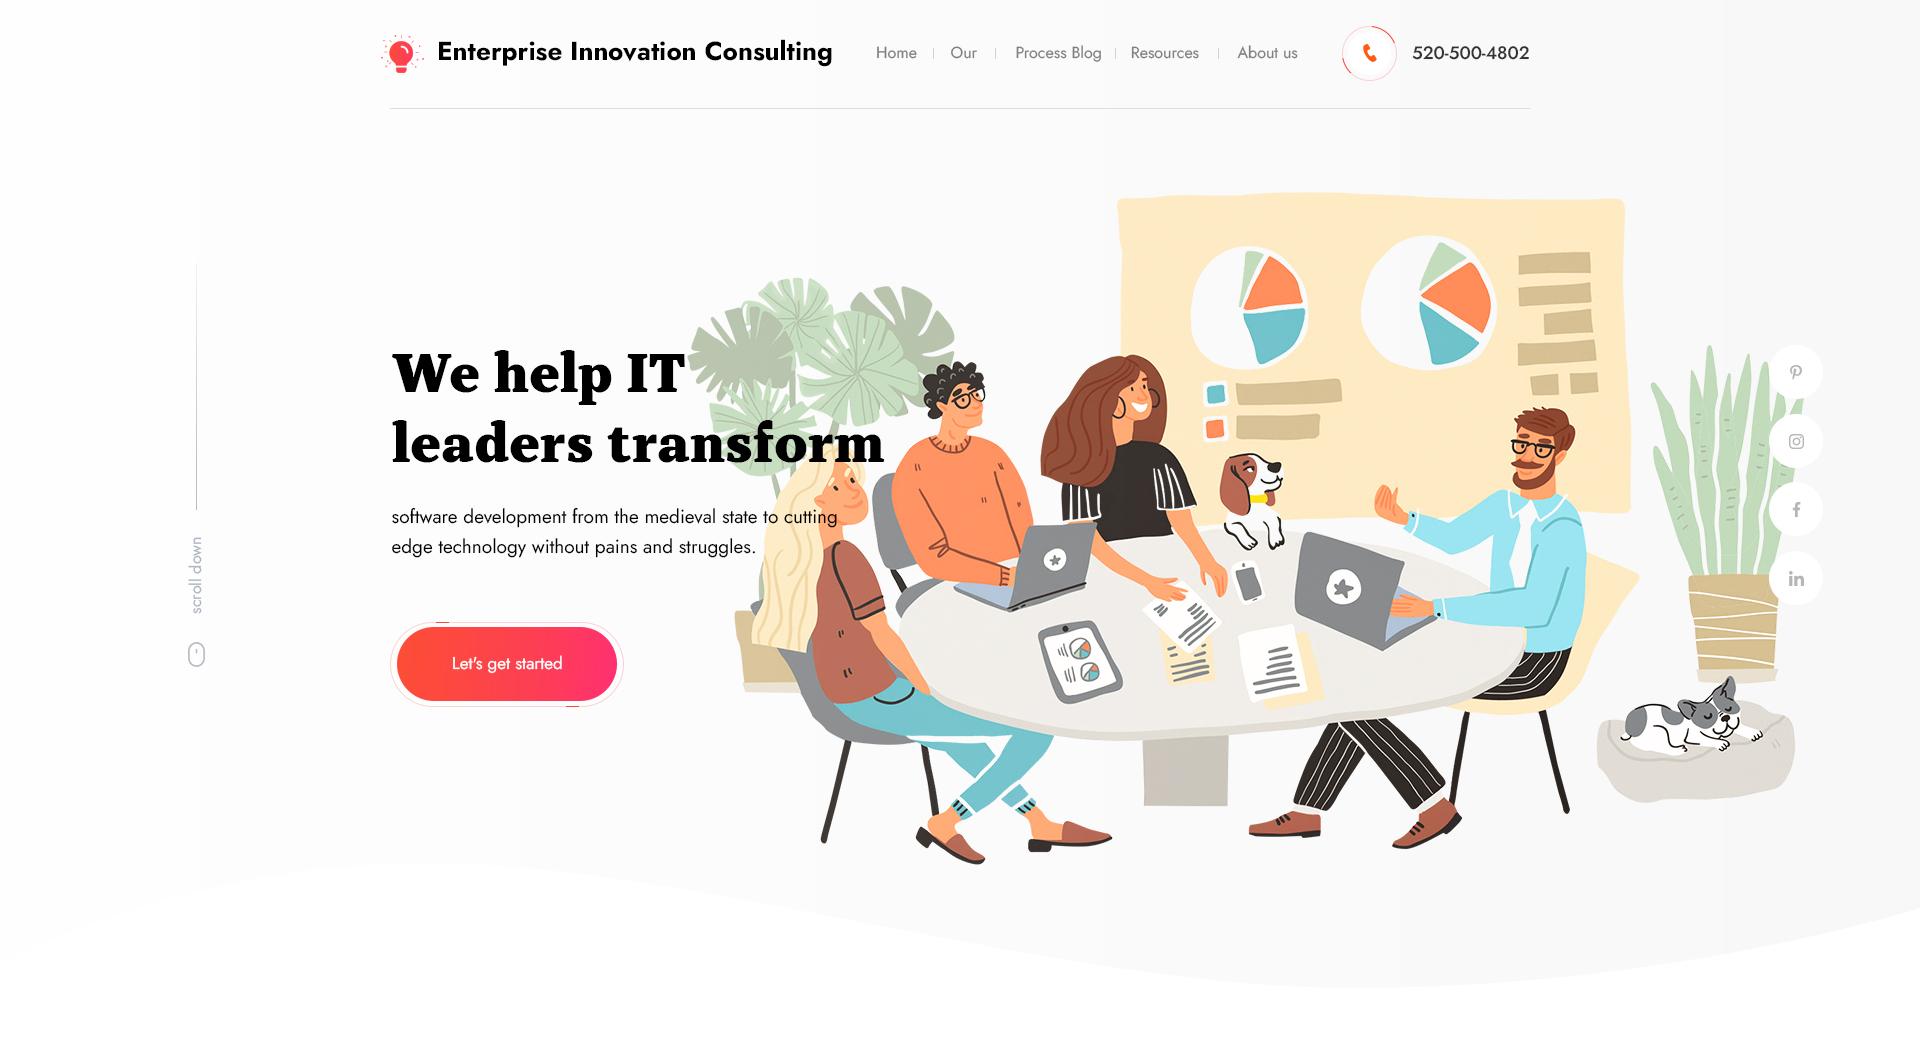 Дизайн сайта для консалтинговой компании в сфере ИТ. фото f_9455ec968470d632.jpg